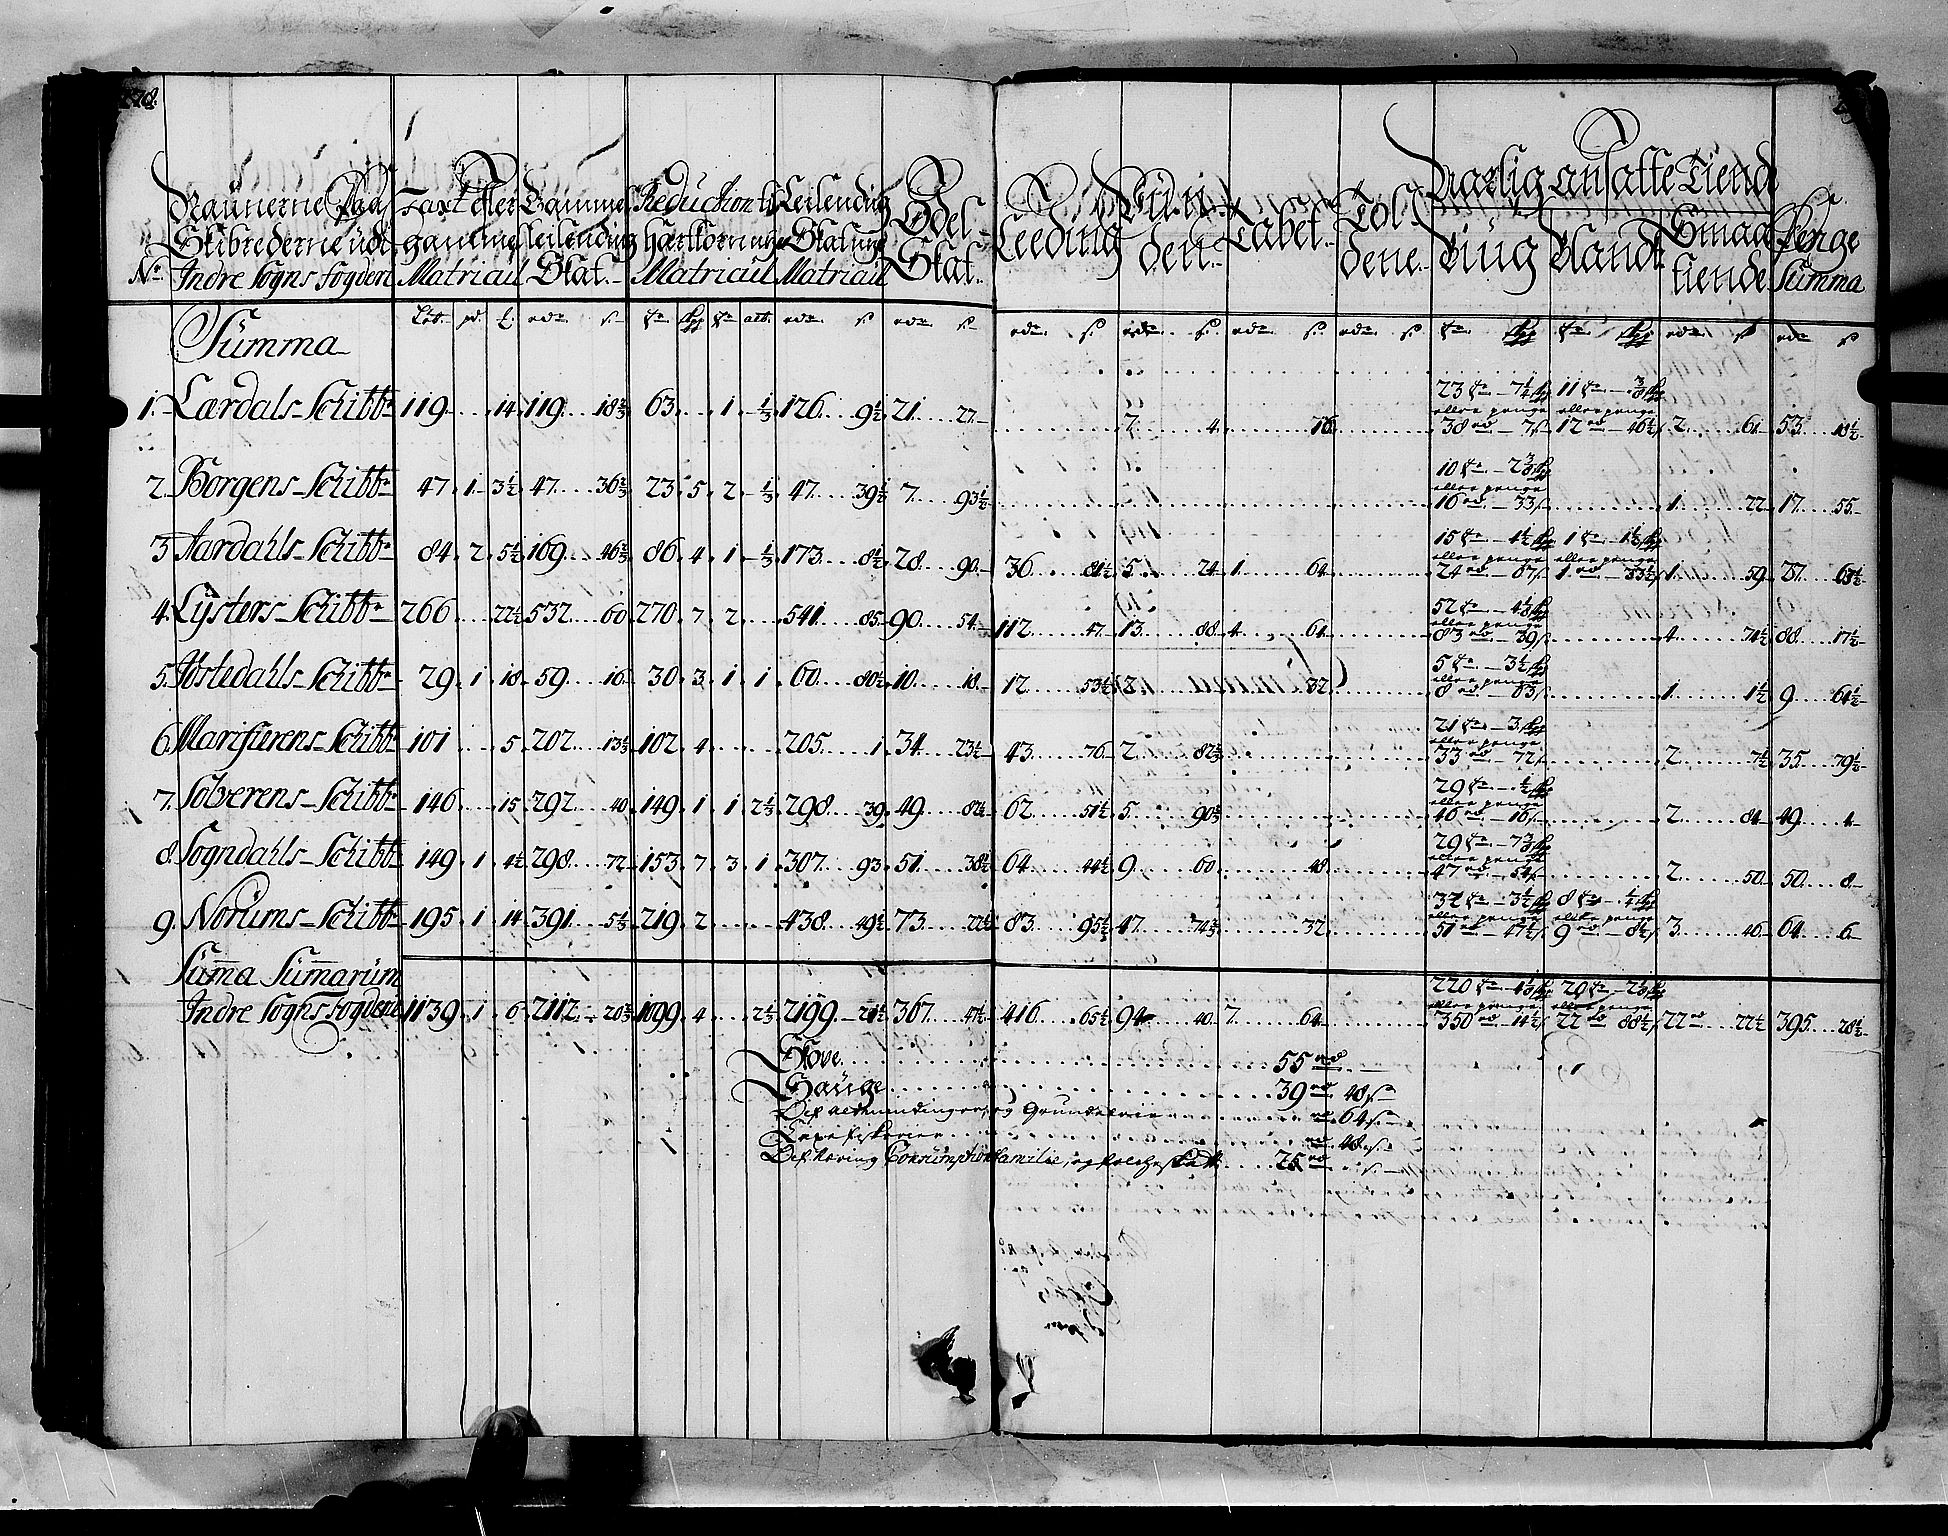 RA, Rentekammeret inntil 1814, Realistisk ordnet avdeling, N/Nb/Nbf/L0144: Indre Sogn matrikkelprotokoll, 1723, s. 278-279